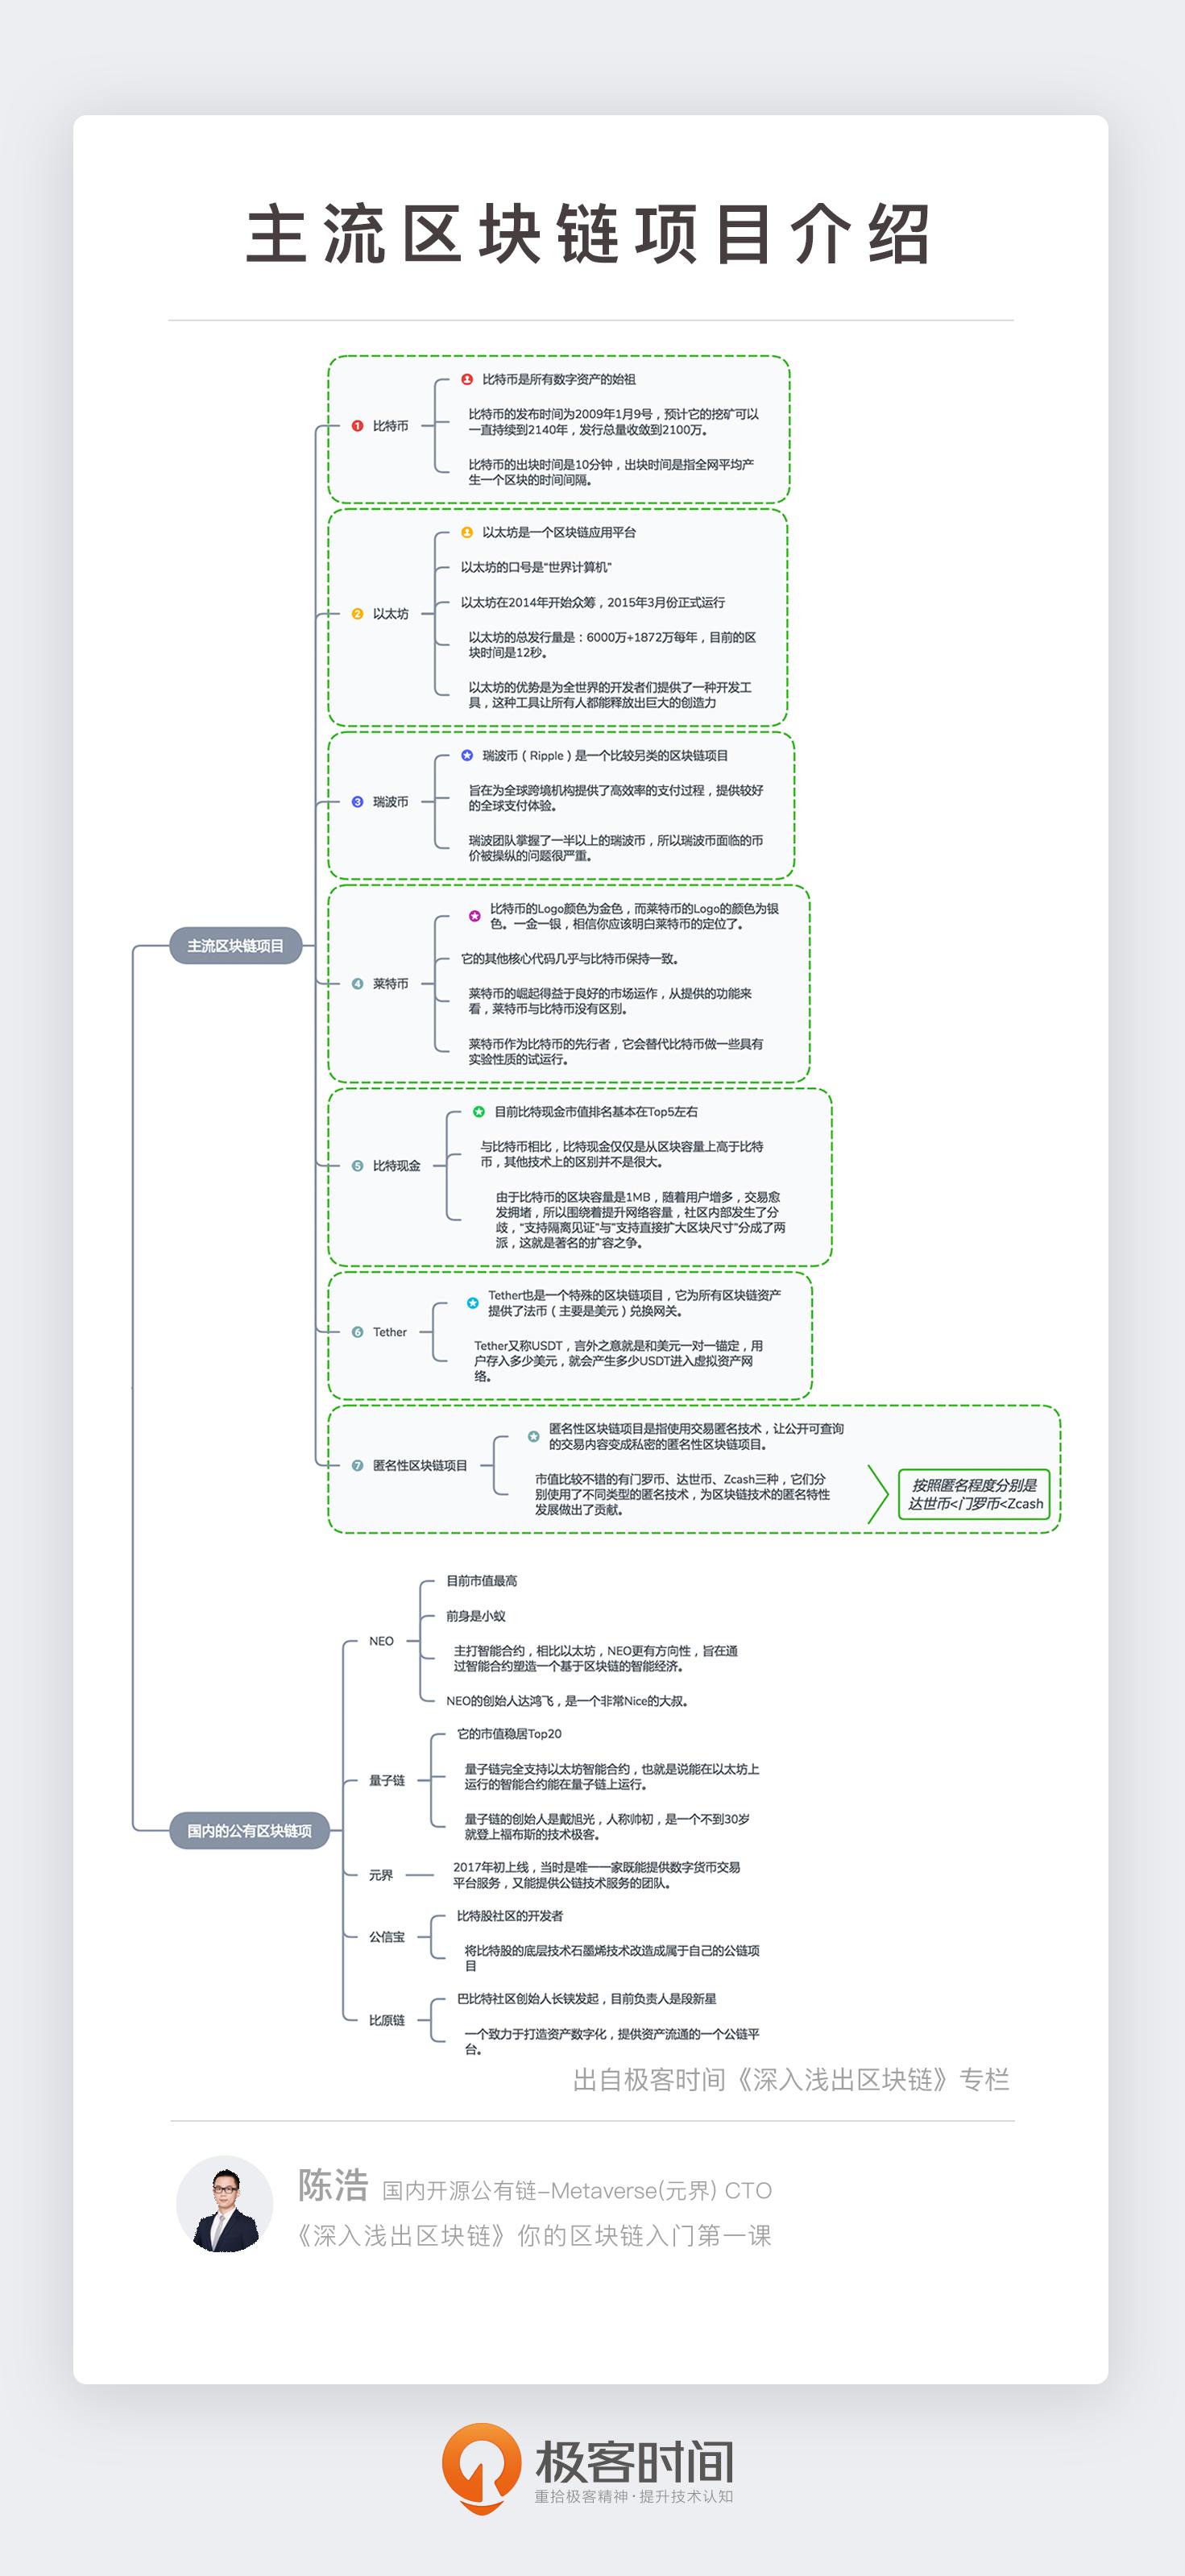 20190322-主流区块链项目简介.png